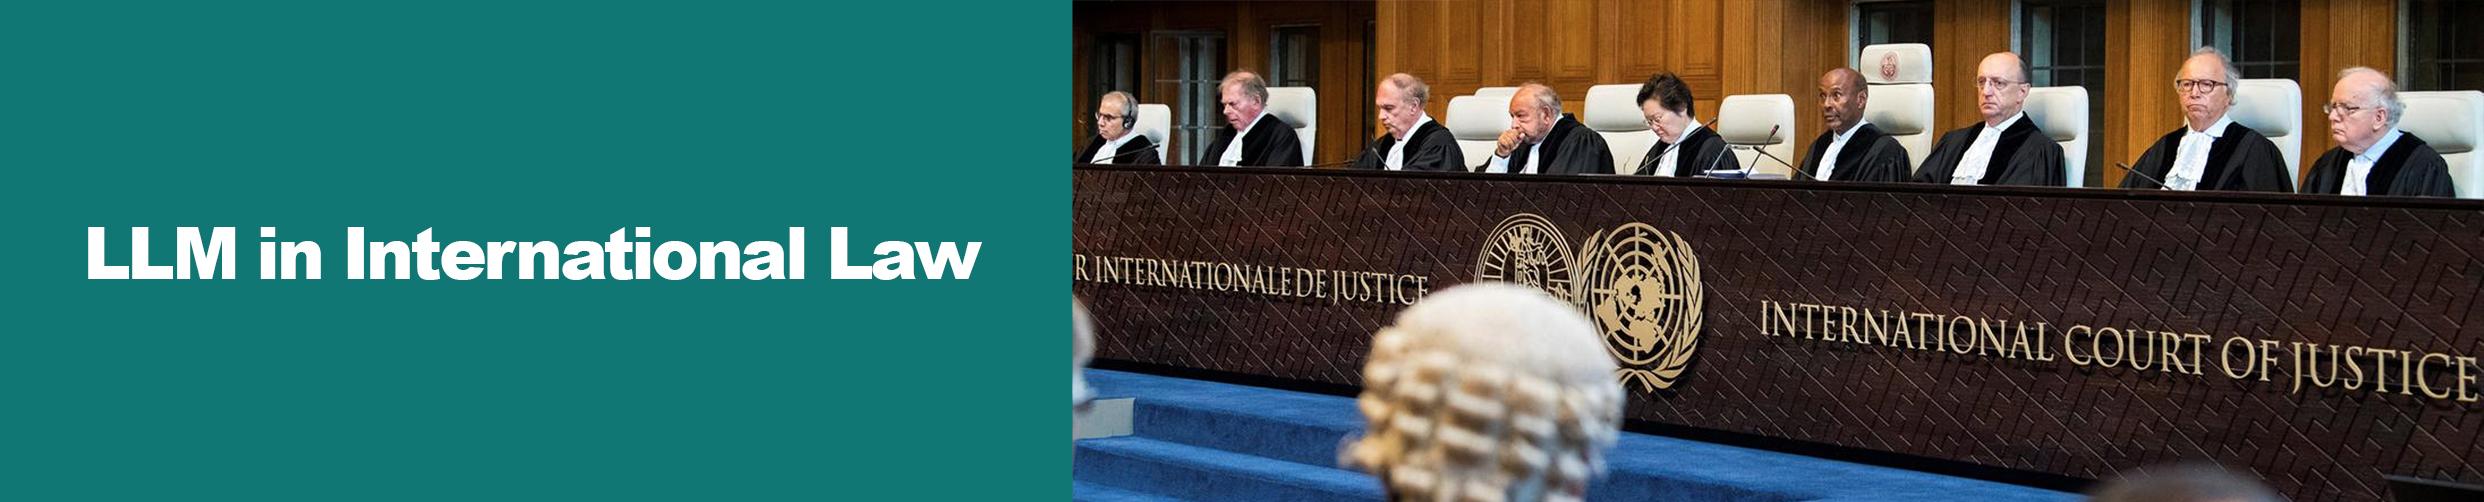 LLM in International Law